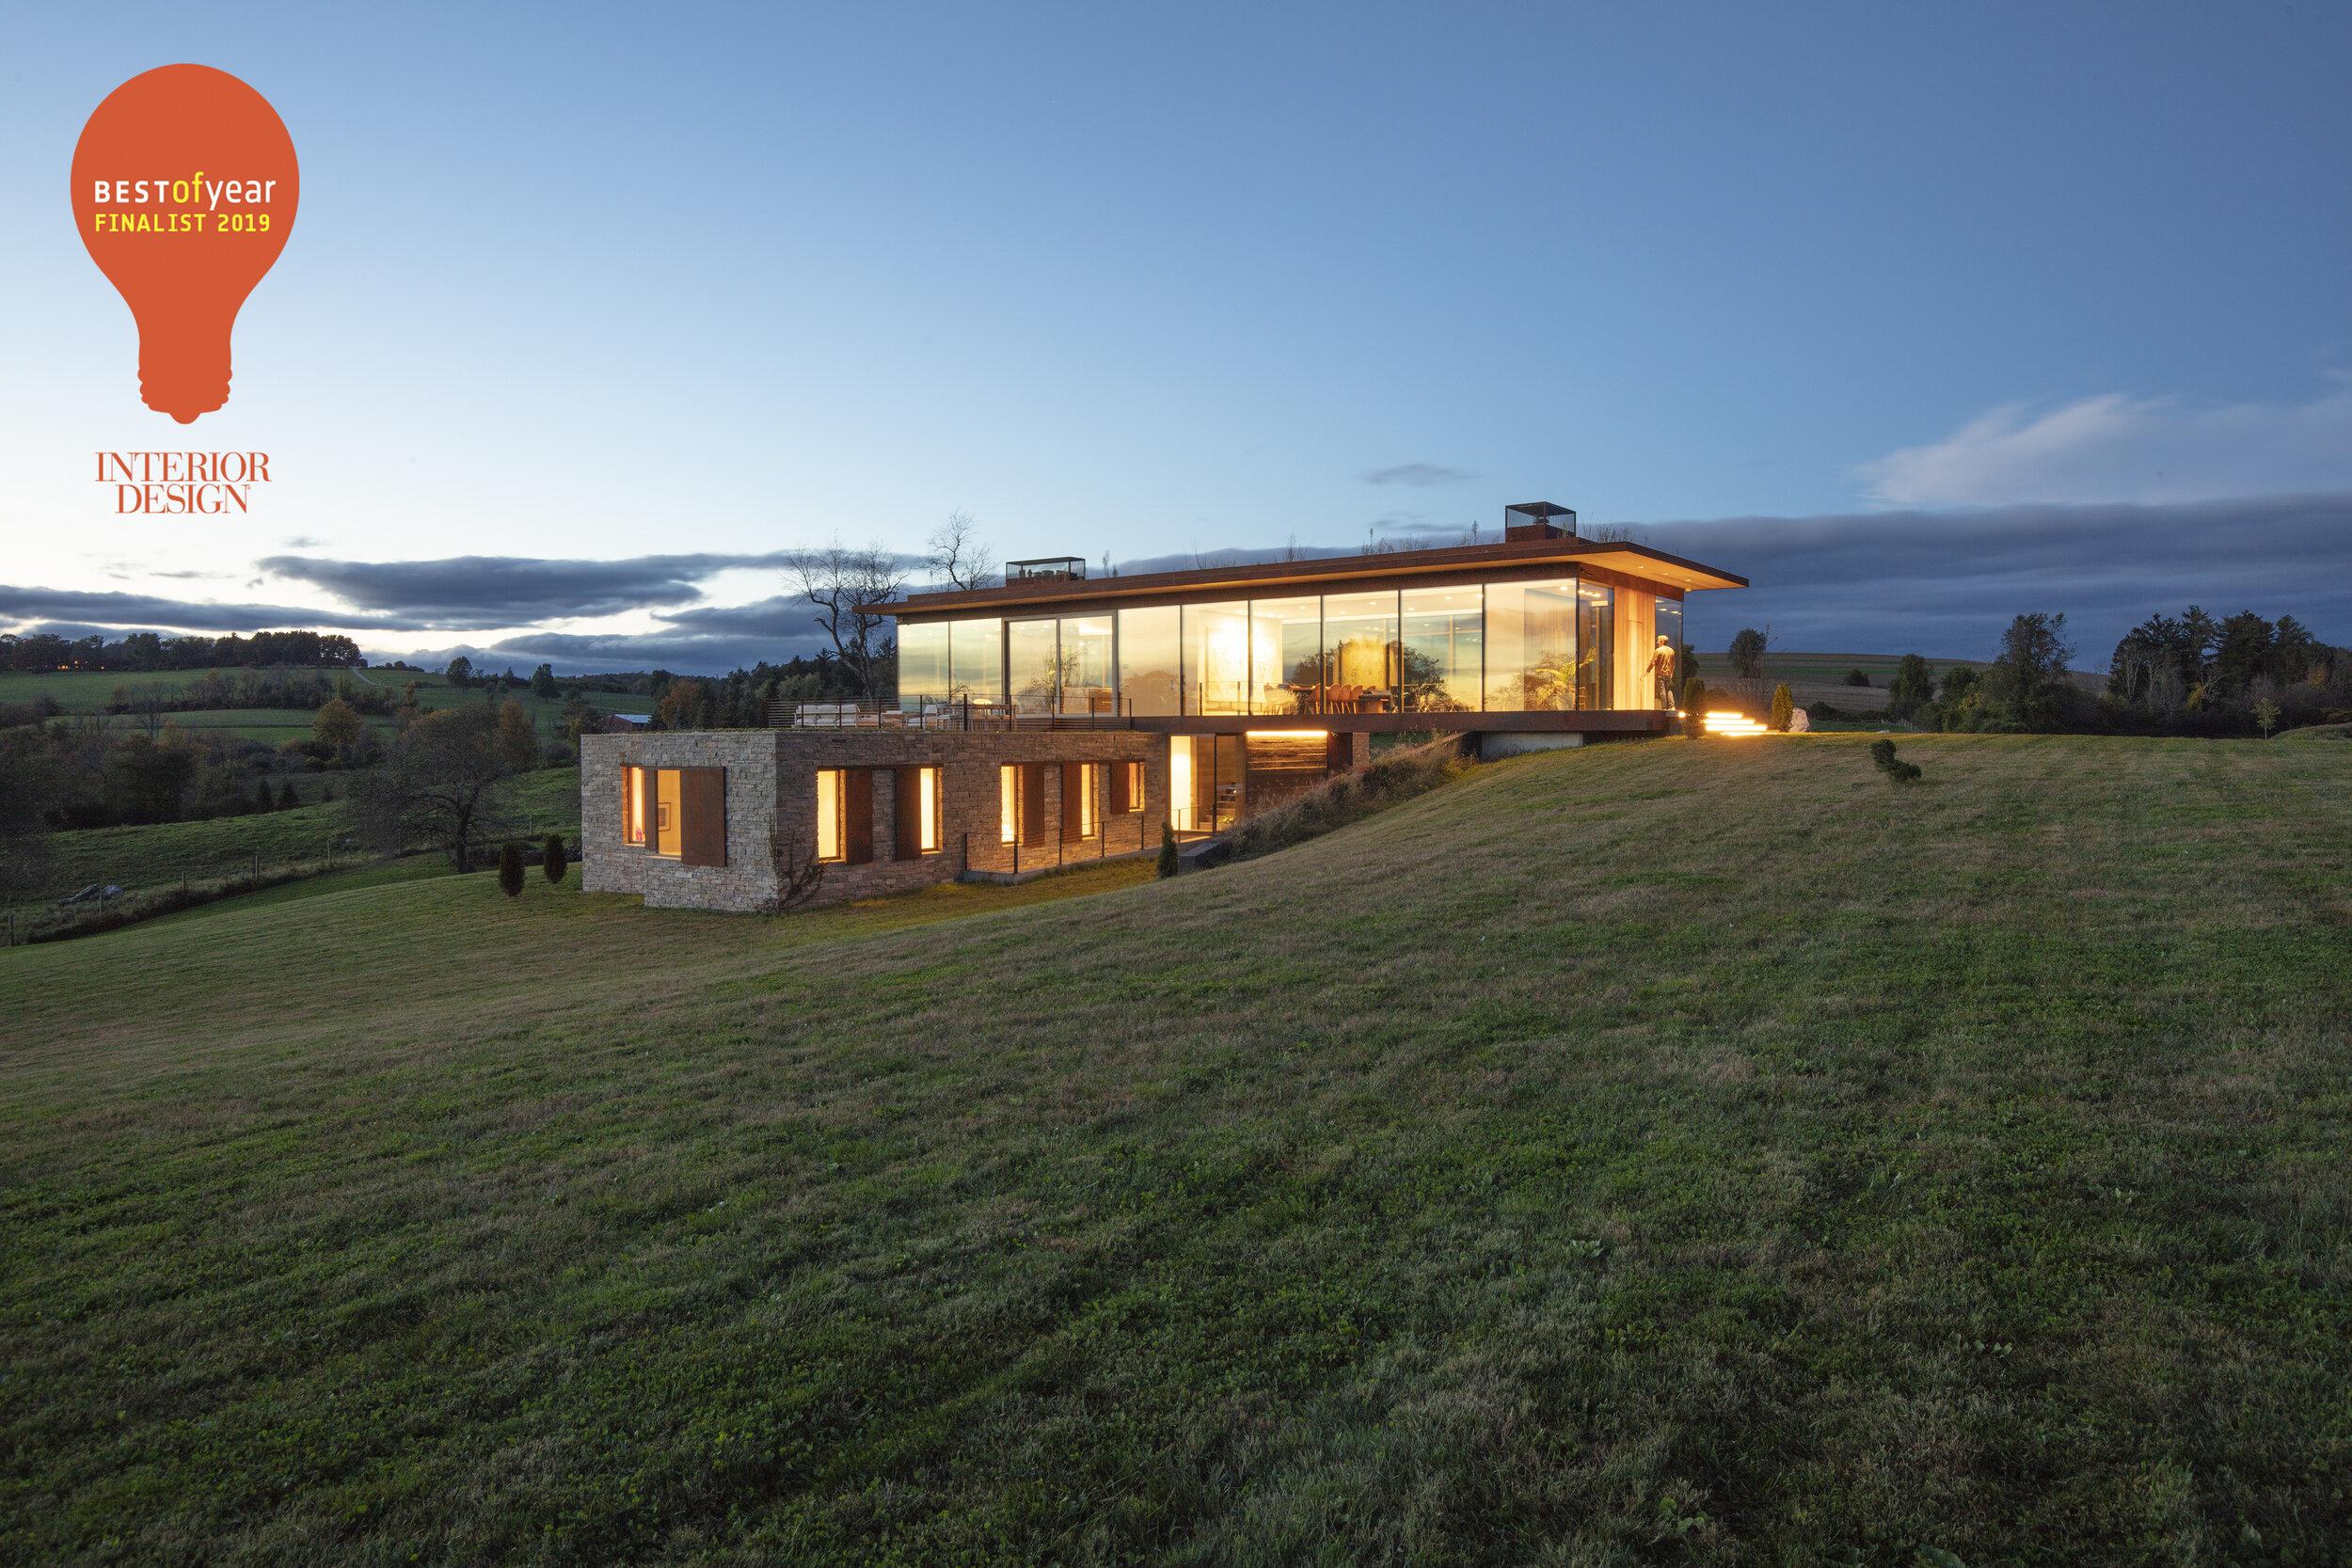 Interior Design Best Of Year Slade Architecture